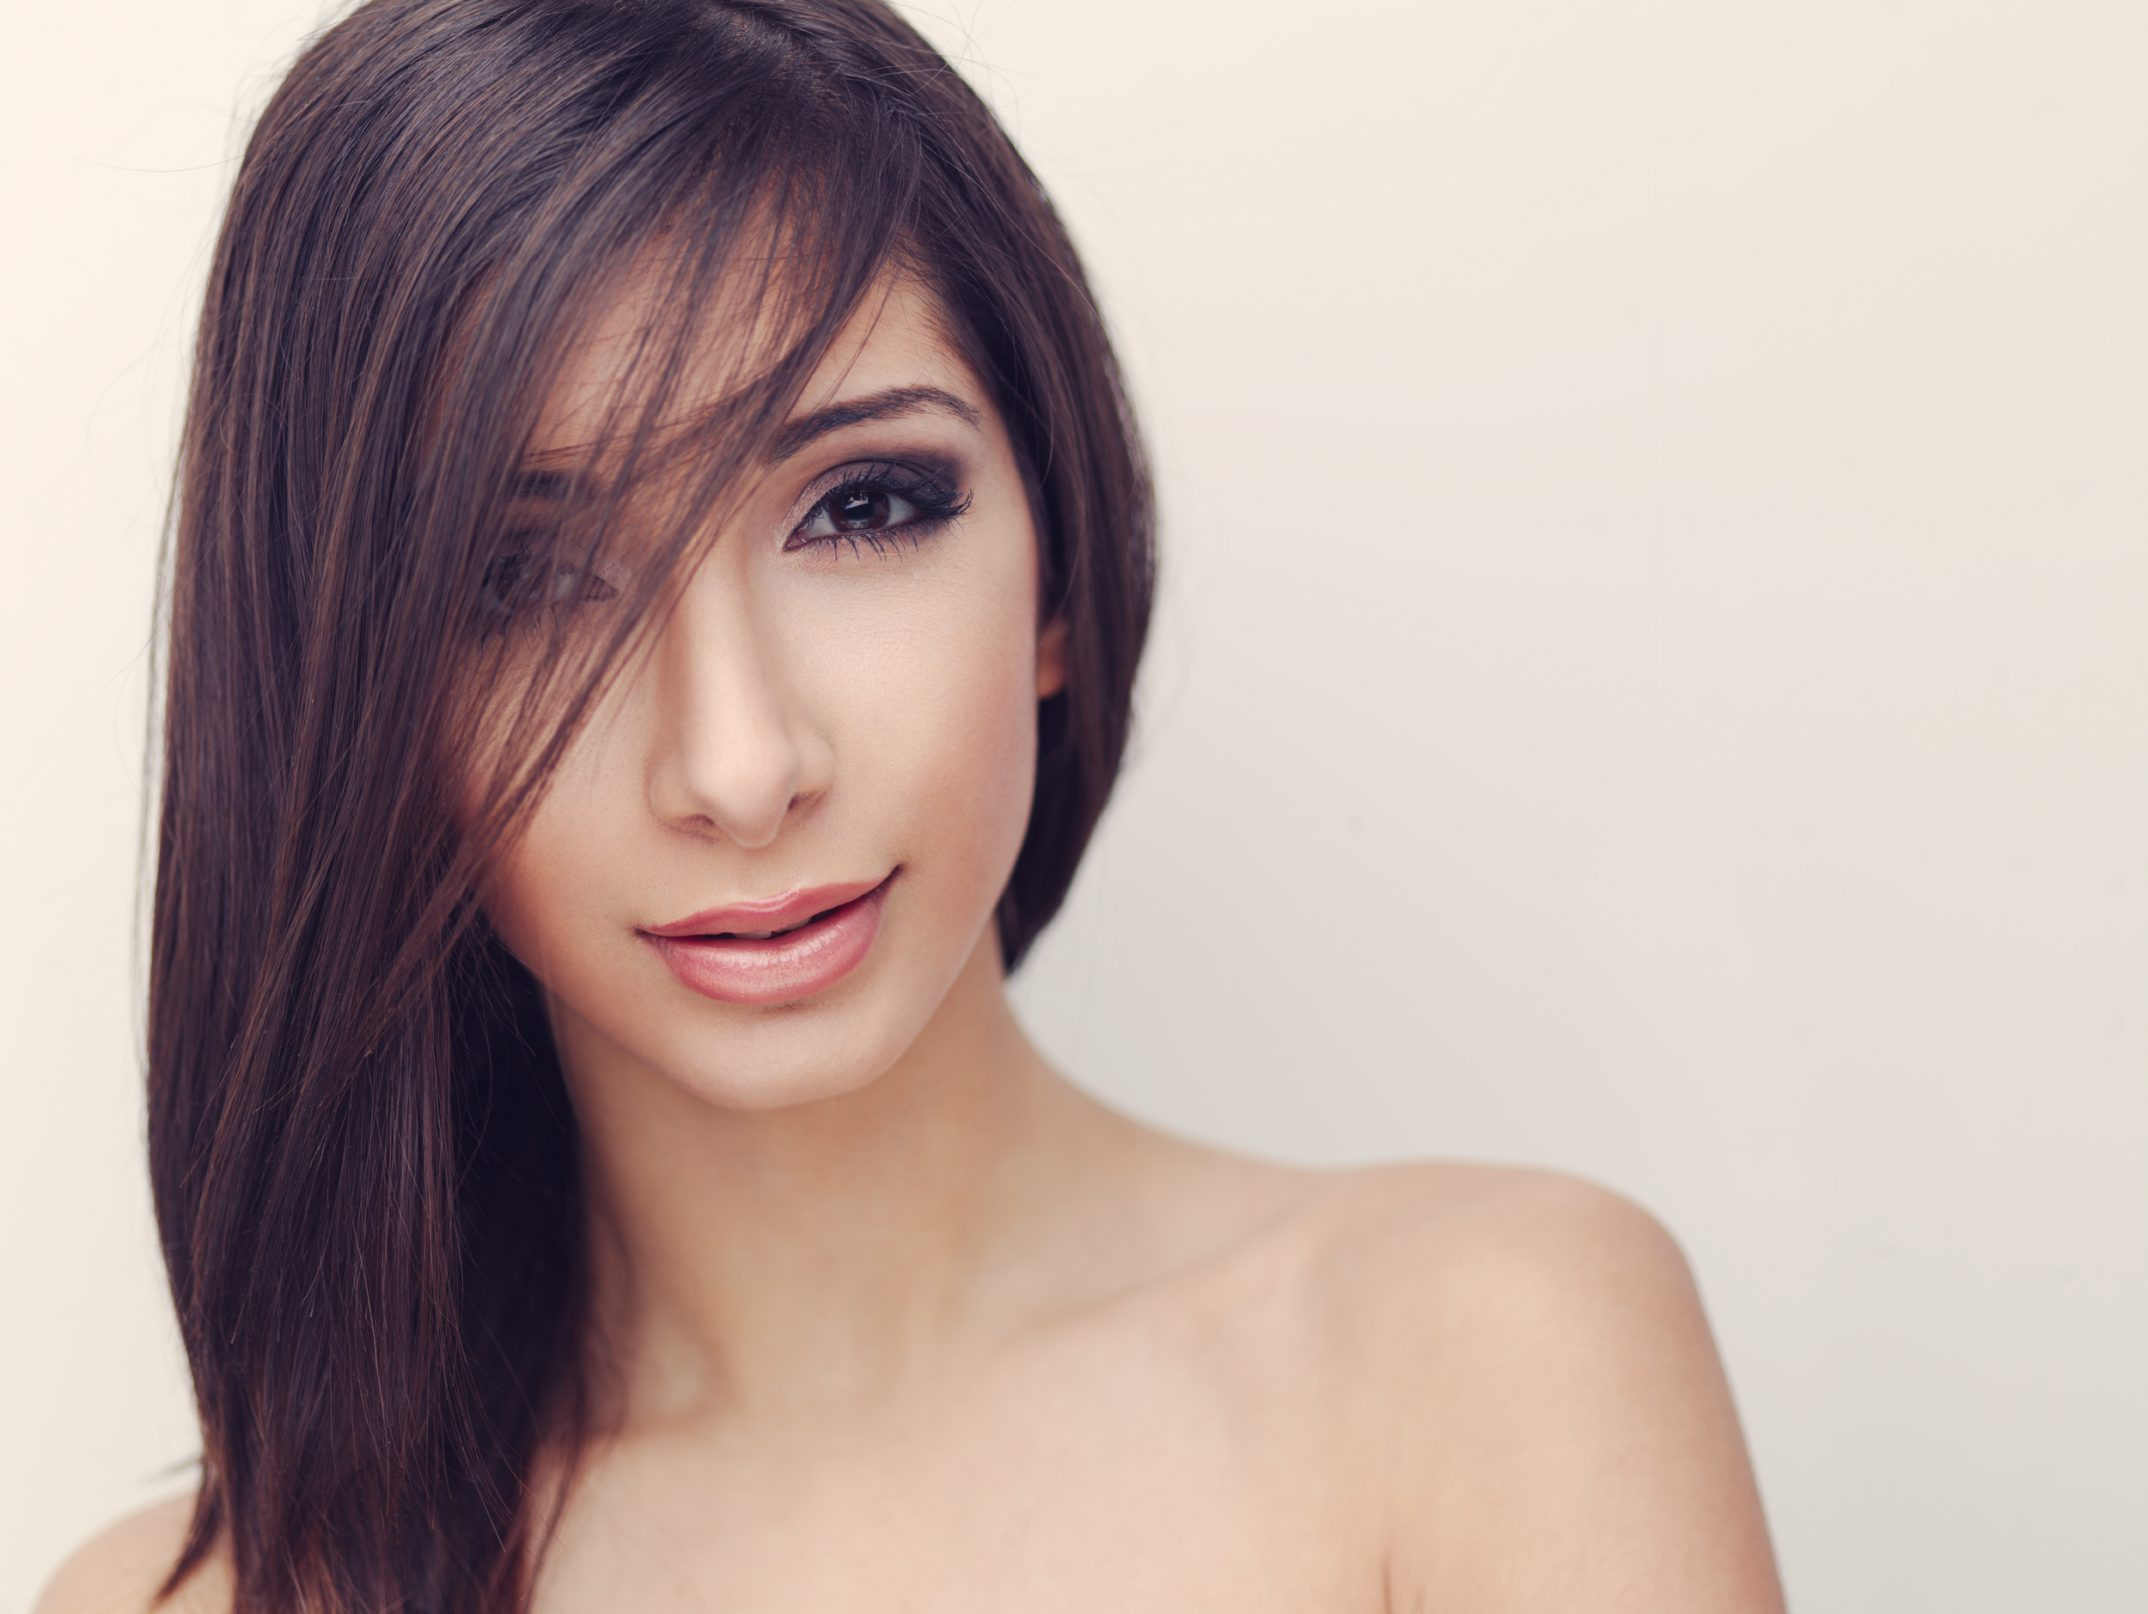 fotograf christian grüner portræt brune øjne